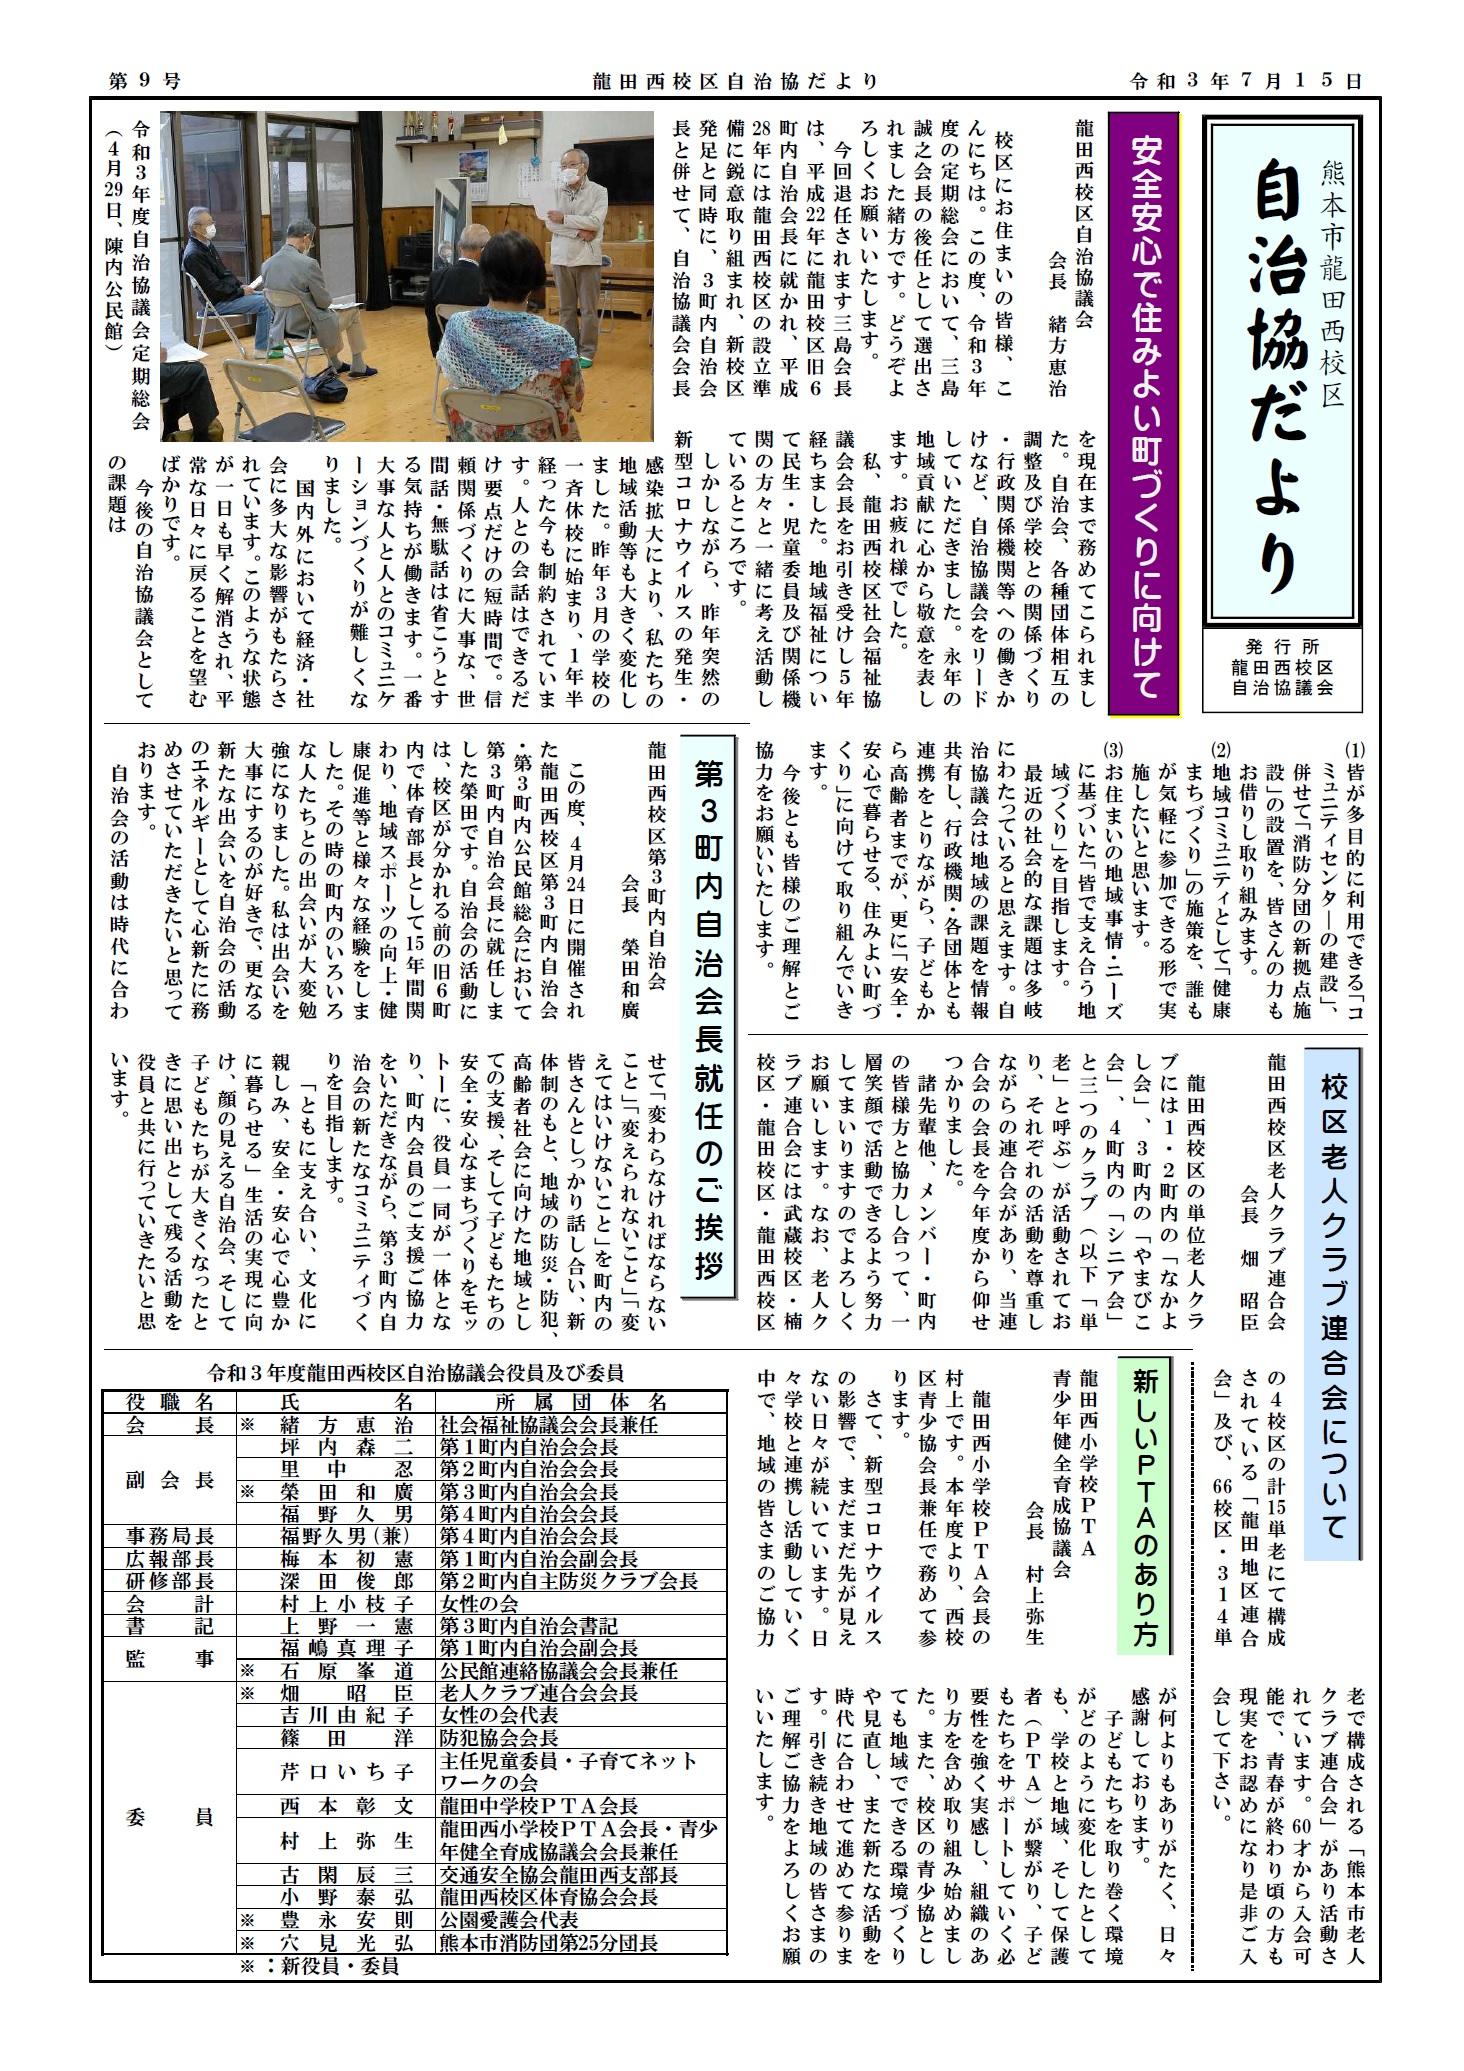 龍田西校区自治協だより第9号(令和3年7月15日号)表